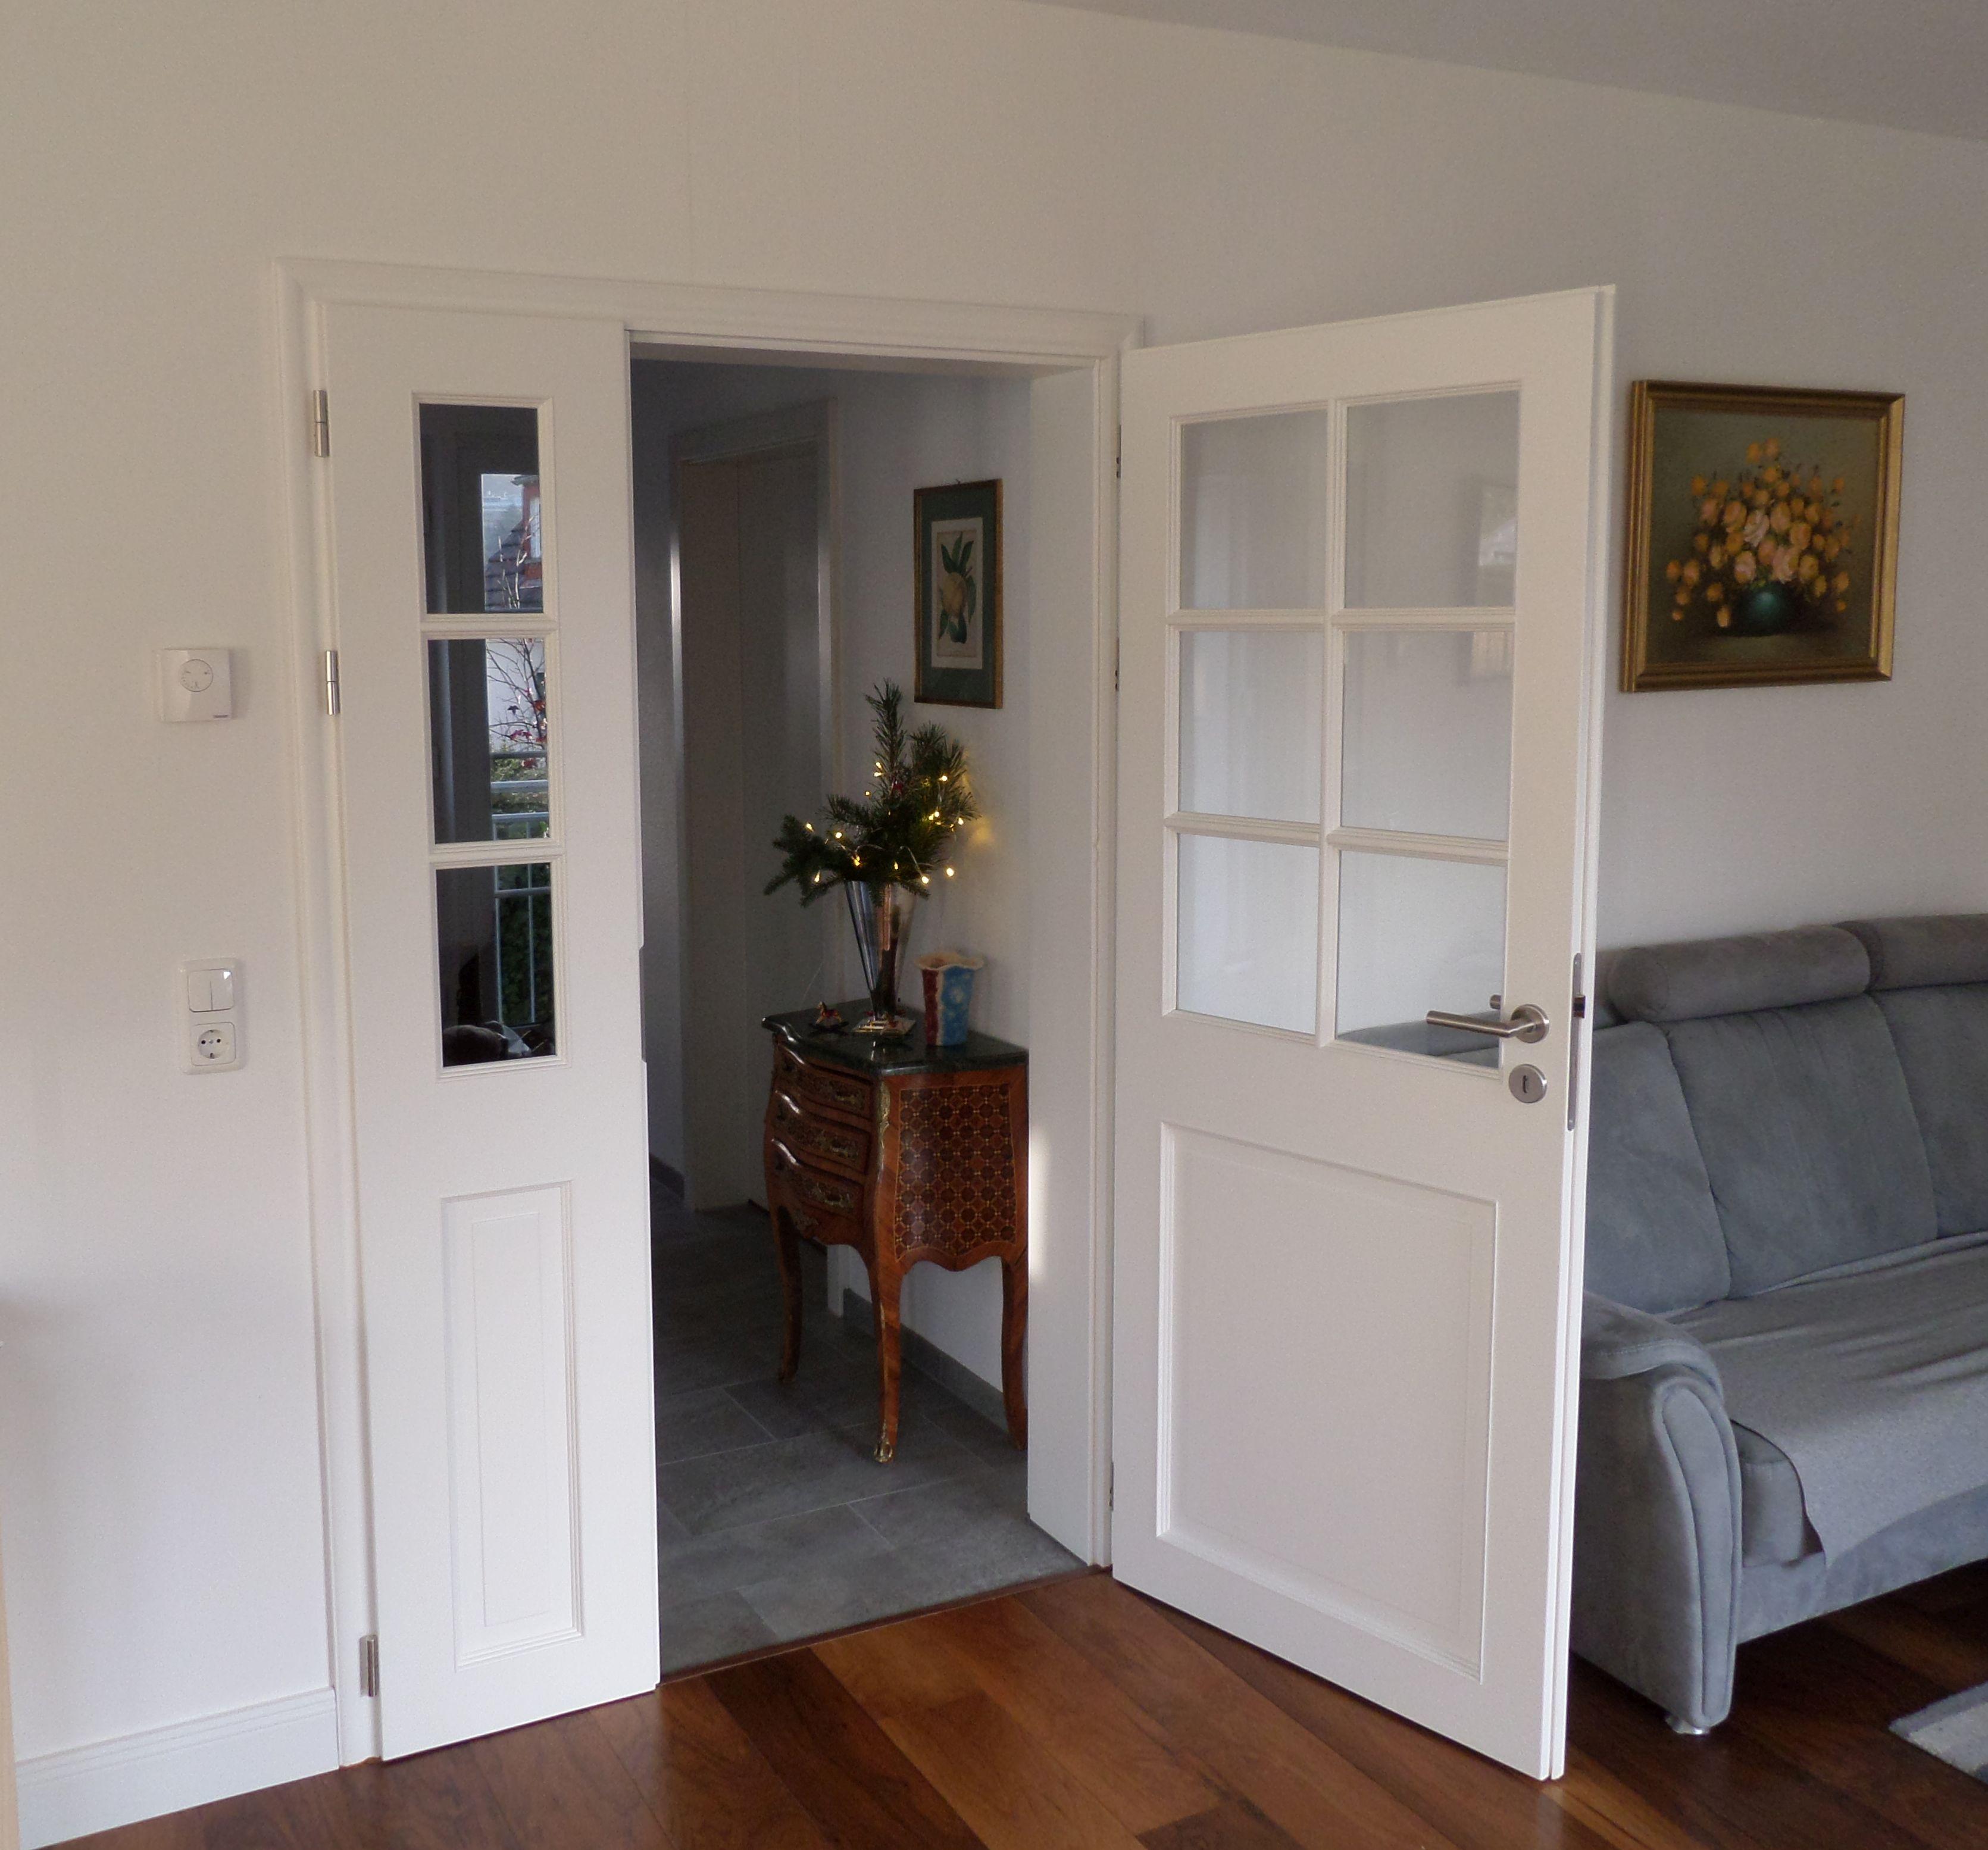 doppelfl gel innent r endlich da wir bauen mit town und country in oberursel. Black Bedroom Furniture Sets. Home Design Ideas